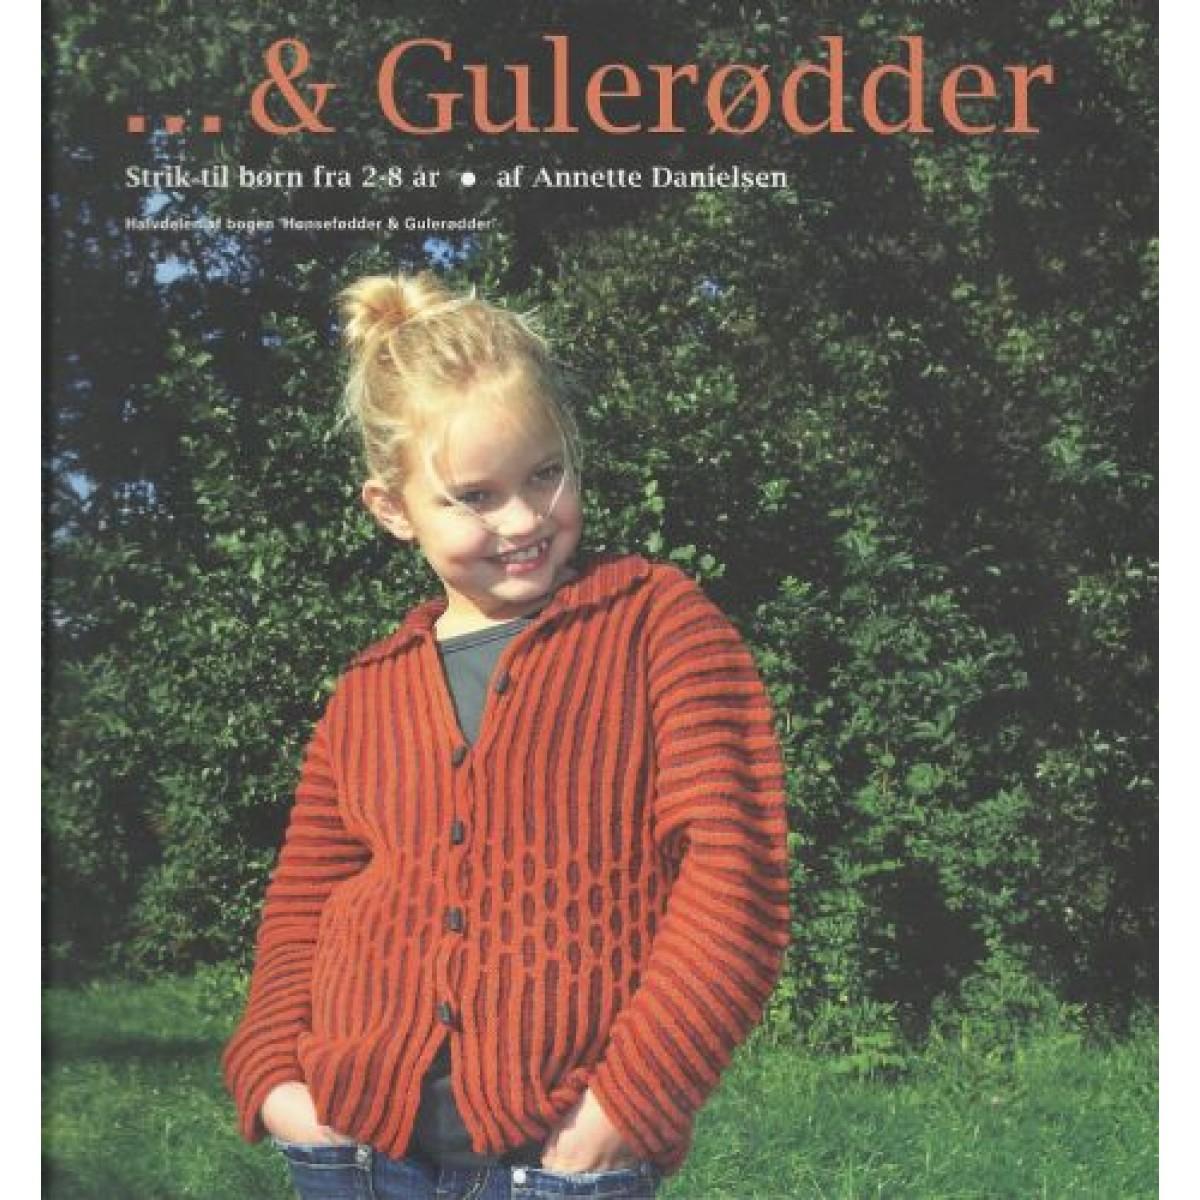 Gulerdder-31